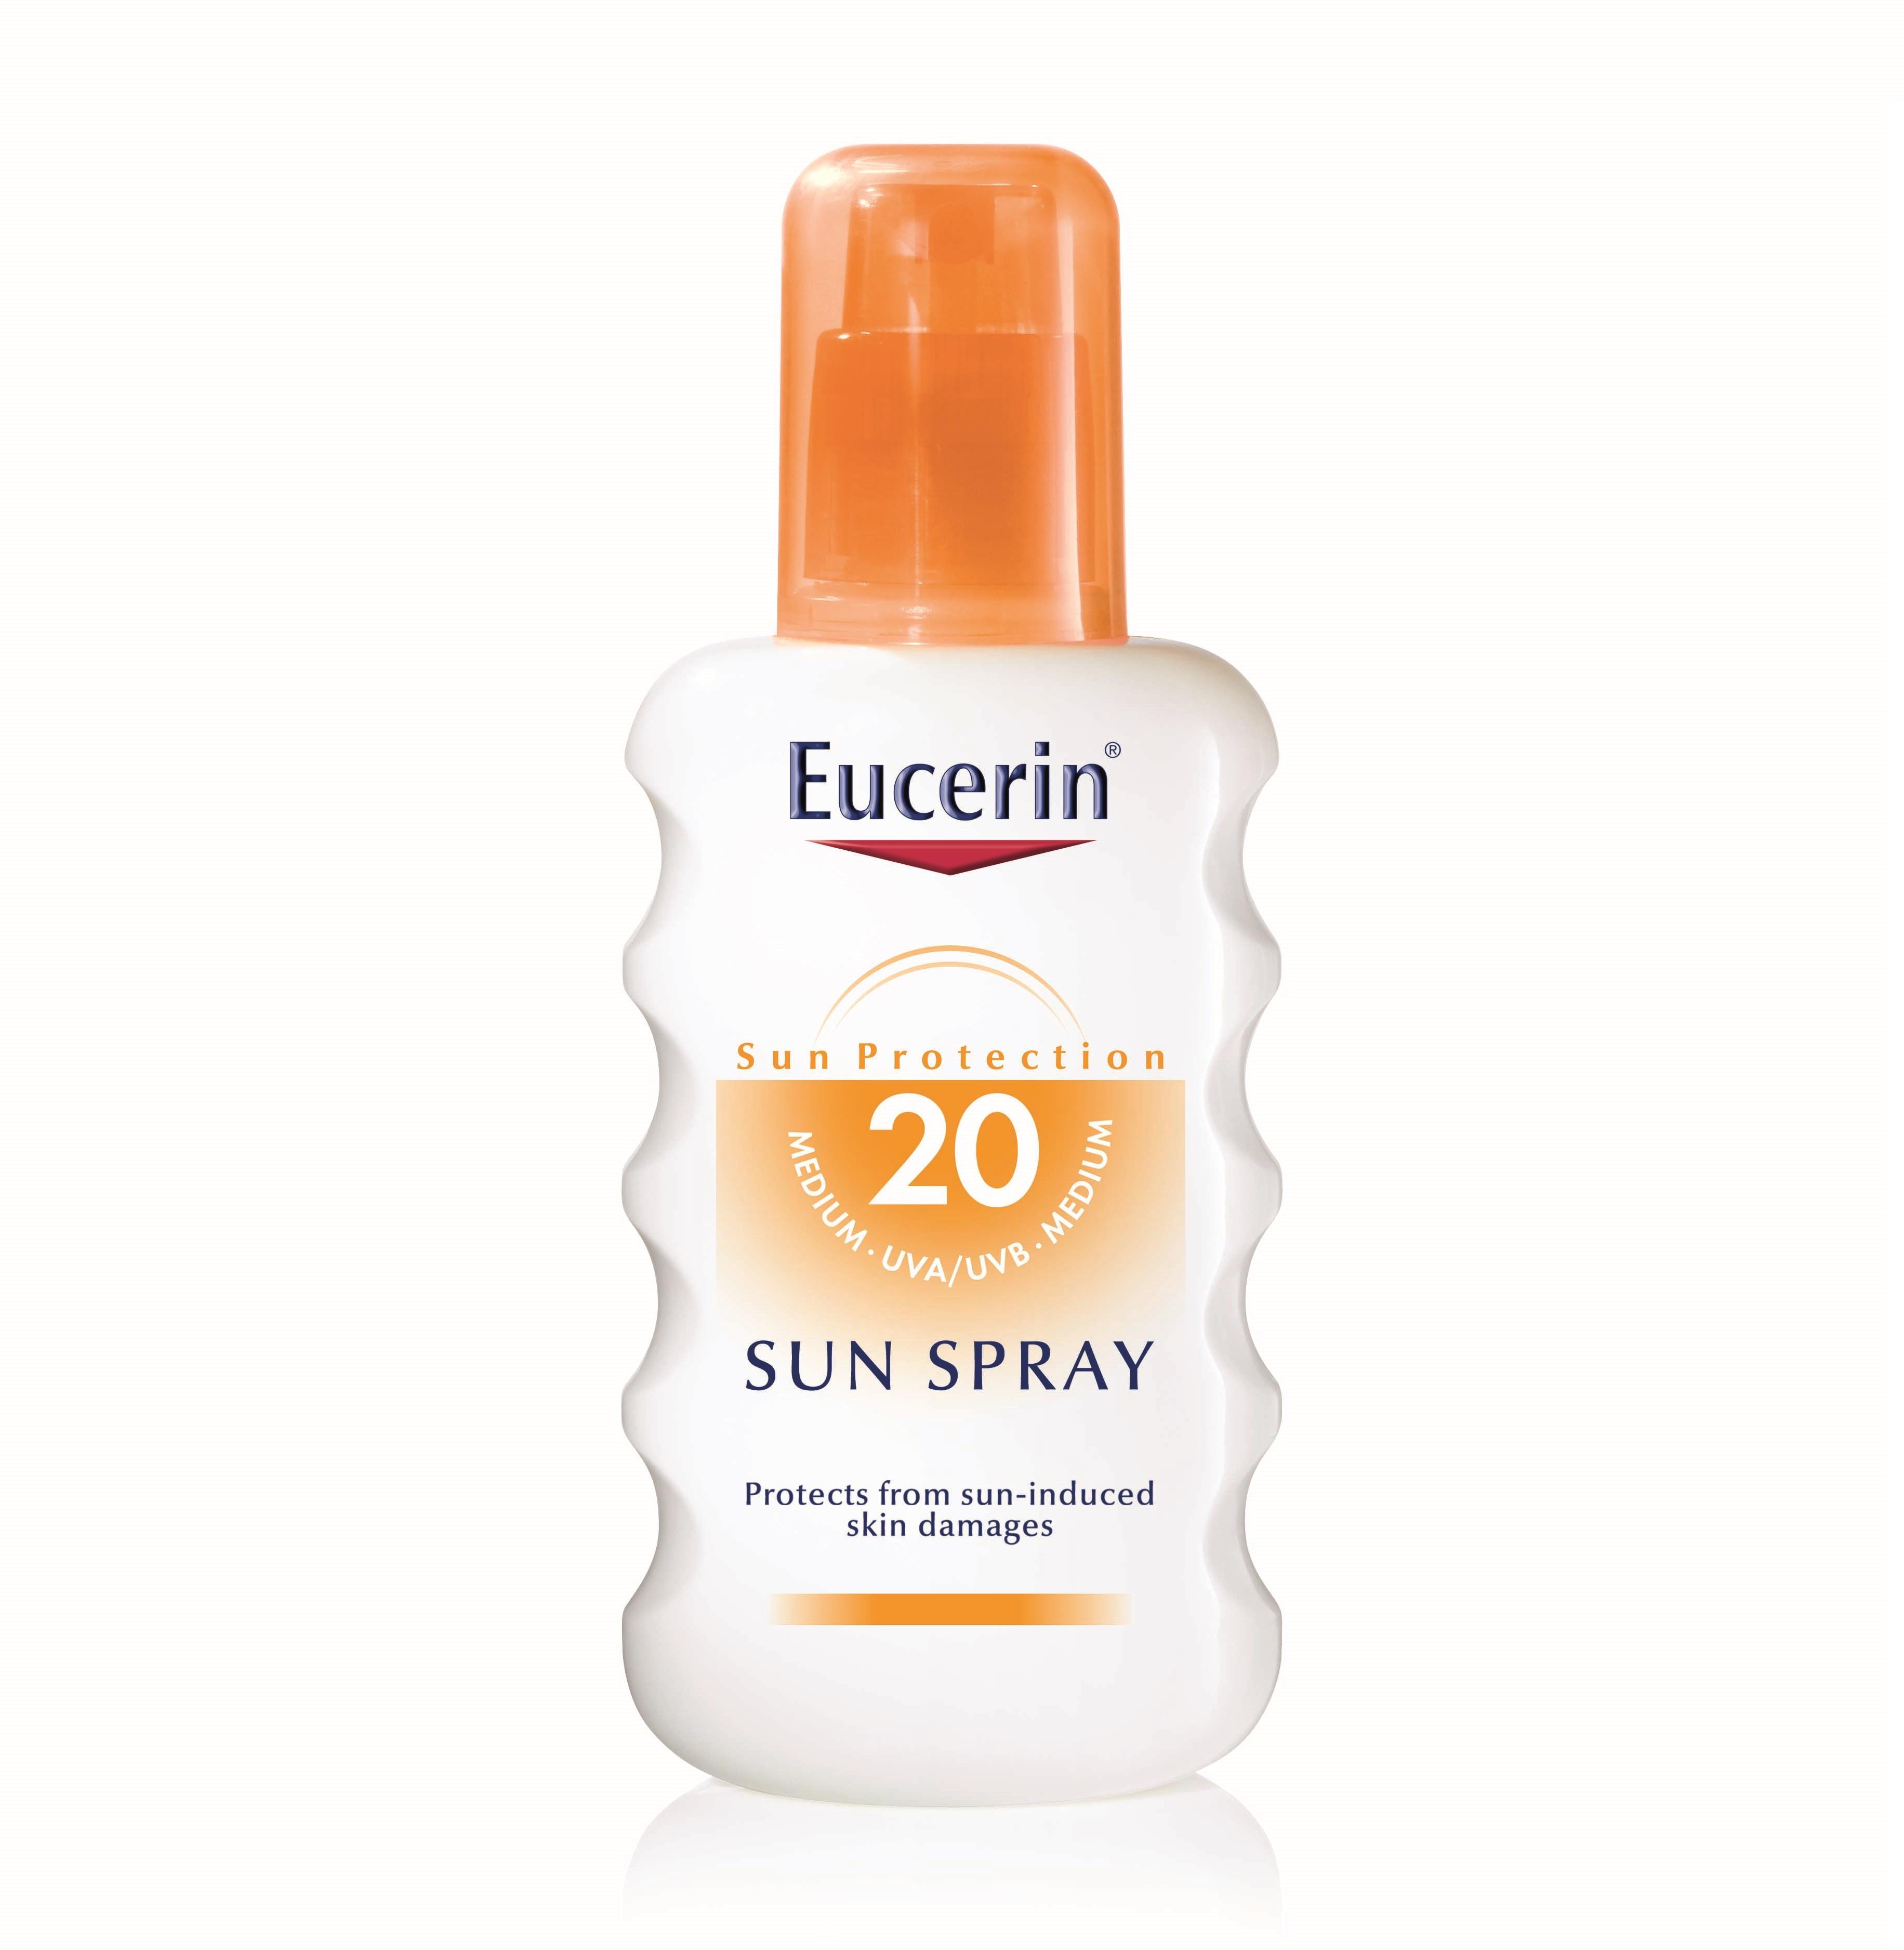 Описание  ЮСЕРИН СЛЪНЦЕЗАЩИТЕН СПРЕЙ SPF 20 / EUCERIN SUN SPRAY SPF 20 осигурява ефективна защита за нормалната кожа срещу вредните слънчеви лъчи. Слънцезащитният спрей на Eucerin попива бързо в кожата. Юсерин Сън Слънцезащитен спрей SPF 20 предпазва от агресивното действие на UV лъчи. Технологията от ново поколение защитава кожата в дълбочина:  Високоефективна фотостабилна UVA и UVB филтърна система с Tinosorb S защитава кожата от изгаряне. EUCERIN SUN SPRAY SPF 20 отговаря на стандартите на ЕС и Personal Care Association (позната от преди като COLIPA).Биологична защита с Ликохалкон A - мощен антиоксидант, който предпазва клетките от увреждане, причинено от свободните радикали.   СЪСТАВКИ  ЕУСЕРИН СЛЪНЦЕЗАЩИТЕН СПРЕЙ SPF 20 съдържа:Aqua, Butylene Glycol Dicaprylate/Dicaprate, Глицерин, Ethylhexyl Salicylate, Octocrylene,Alcohol Denat, Butyl Methoxydibenzoylmethane, Bis-Ethylhexyloxyphenol Methoxyphenyl Triazine, C18-36 Acid Triglyceride, Ceteareth-20, Methylpropanediol, Sodium Phenylbenzimidazole Sulfonate, Glycyrrhiza Inflata Root Extract, Tocopheryl Acetate,VP/Hexadecene Copolymer, Acrylates/C10-30 Alkyl Acrylate Crosspolymer, Trisodium EDTA,Ethylhexylglycerin, Phenoxyethanol, Methylparaben, Ethylparaben, Parfum  КЛИНИЧНИ ИЗСЛЕДВАНИЯ  Клинични проучвания доказват ефикасността и поносимостта. В нашата виртуална аптека ще намерите още много предложения в категорията Слънцезащитни продукти!   Възползвайте се от възможността за консултация с нашия магистър- фармацевт, който ще отговори с готовност на Вашите въпроси!